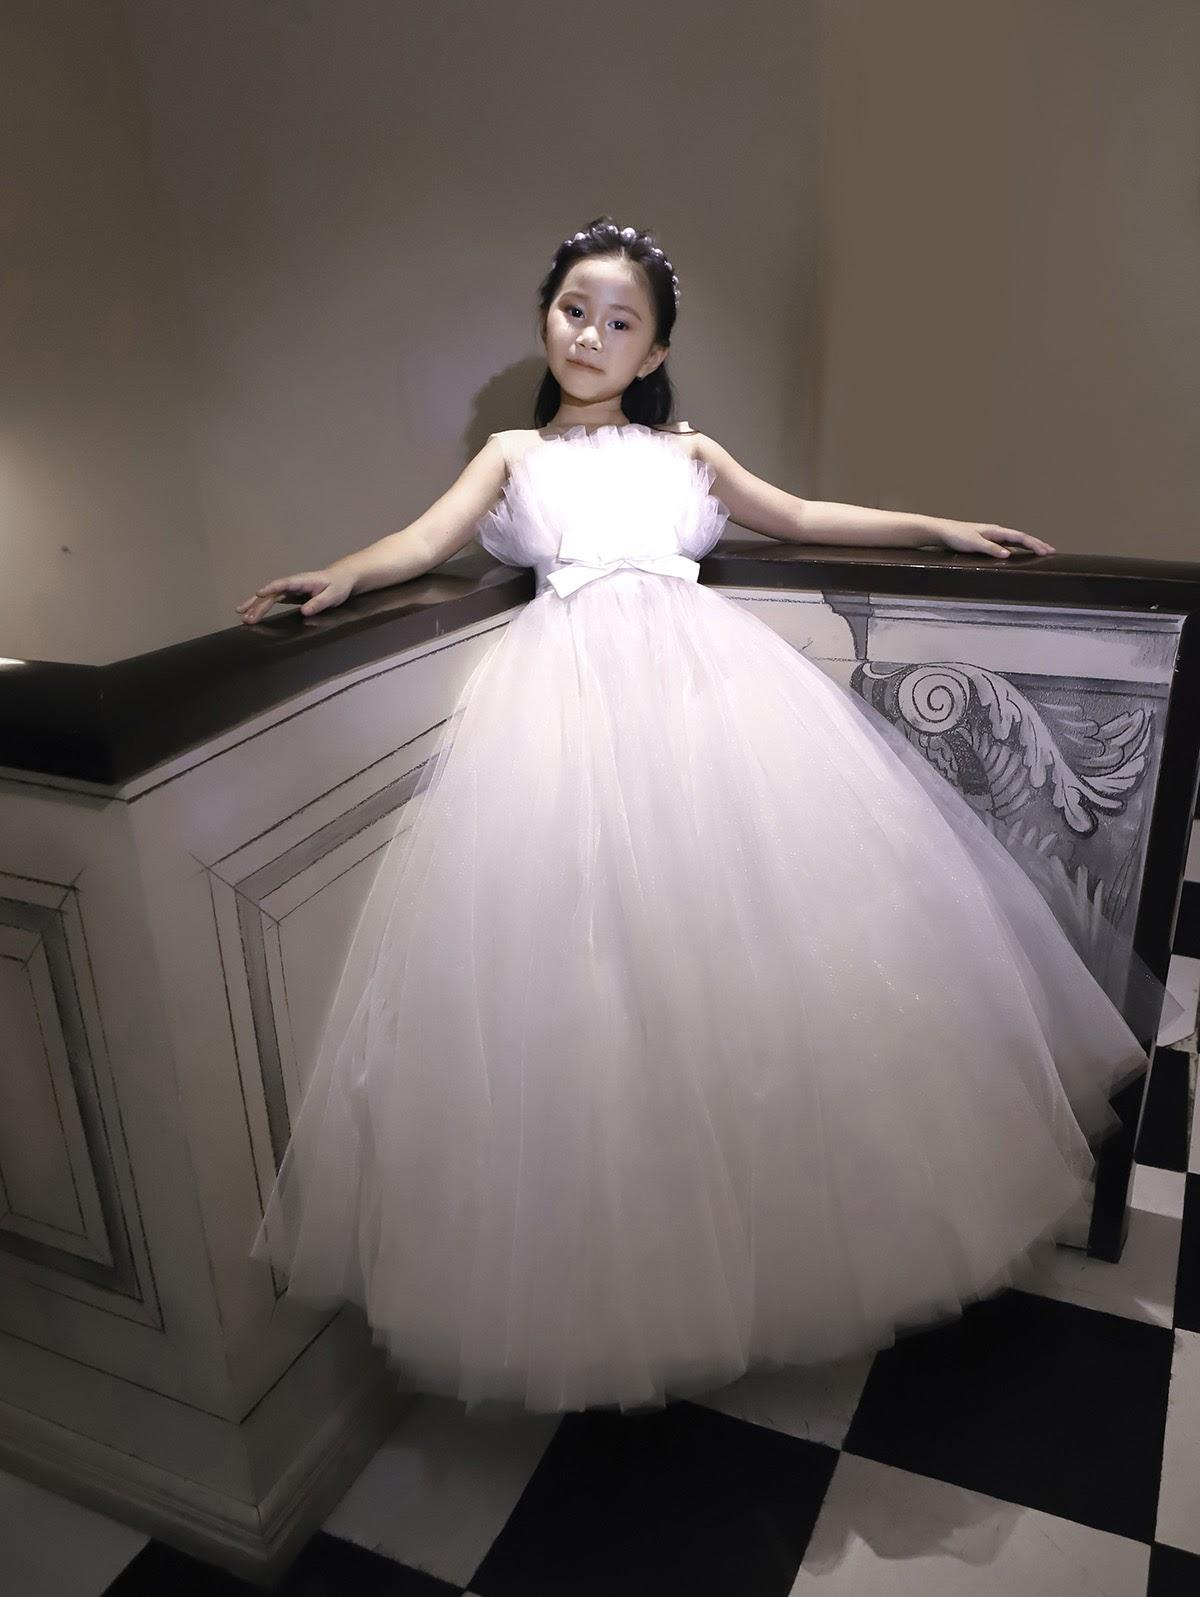 Mẫu nhí 7 tuổi Đồng Ngân hóa công chúa nhỏ ngọt ngào trong thiết kế của Nguyễn Minh Công - Hình 9